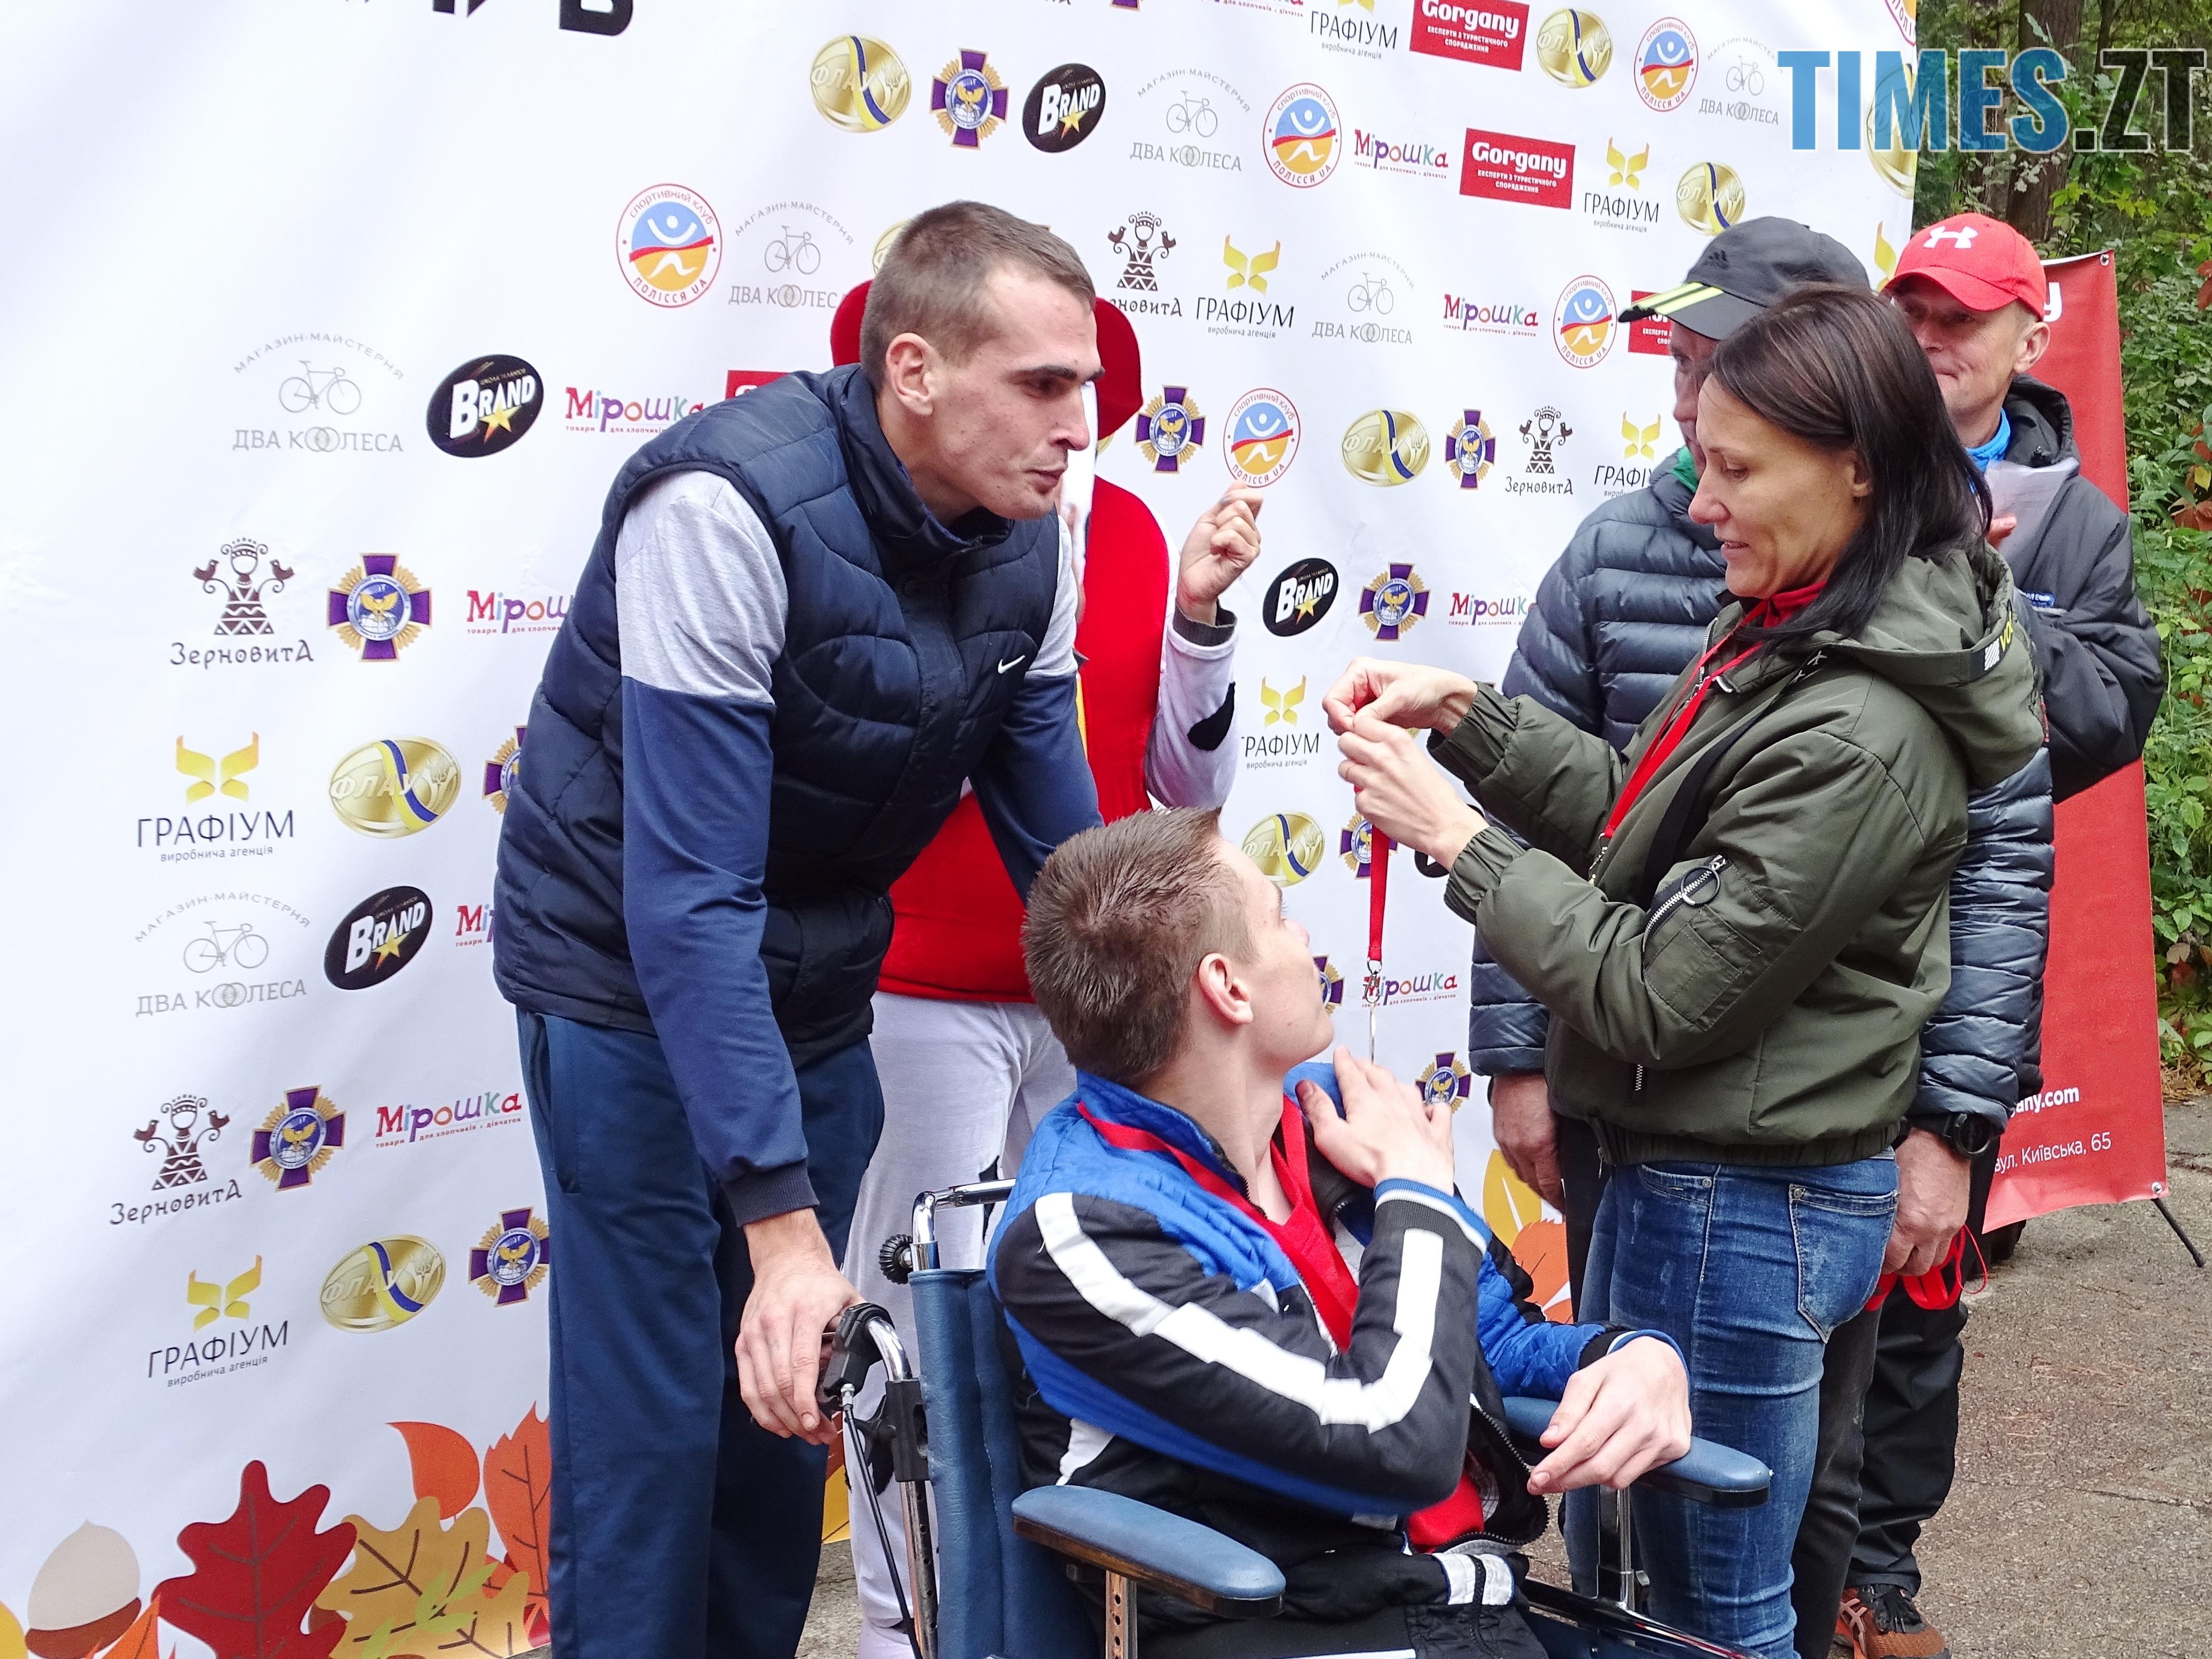 DSC02186 - У Житомирі відбулися змагання з кросу «Поліська осінь – 2018» (ФОТО)